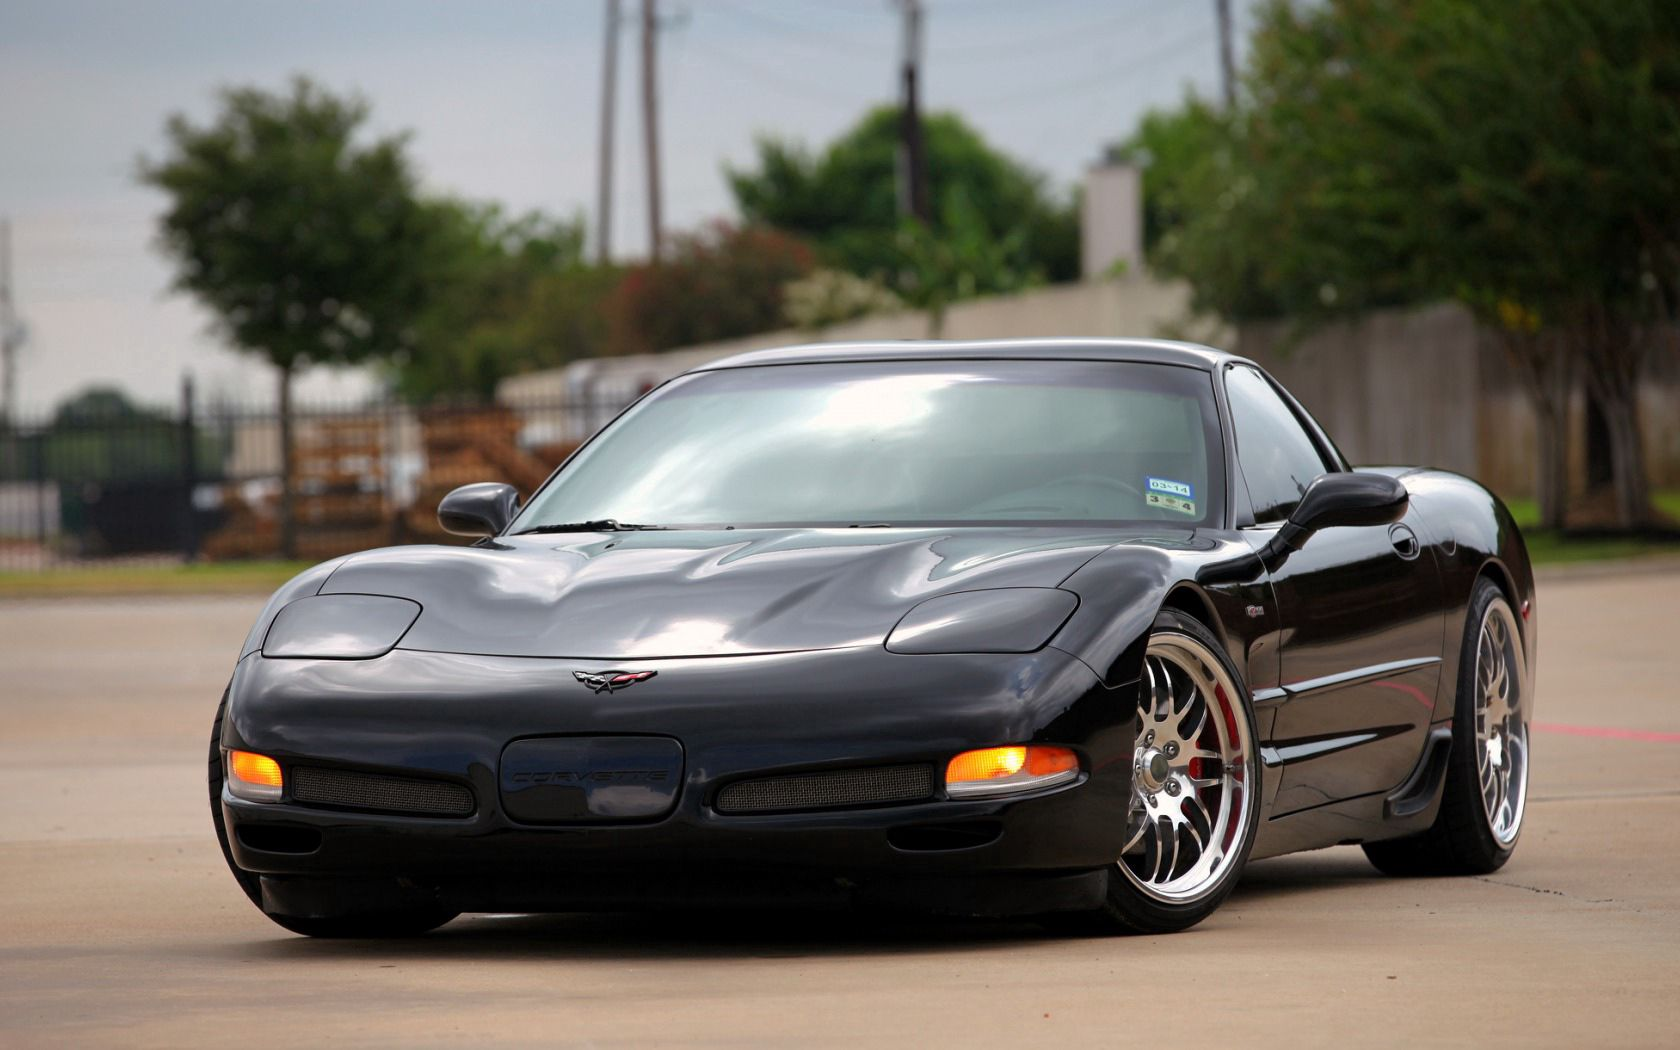 127278 скачать обои Тачки (Cars), Шевроле (Chevrolet), Corvette, Z06, Черный - заставки и картинки бесплатно